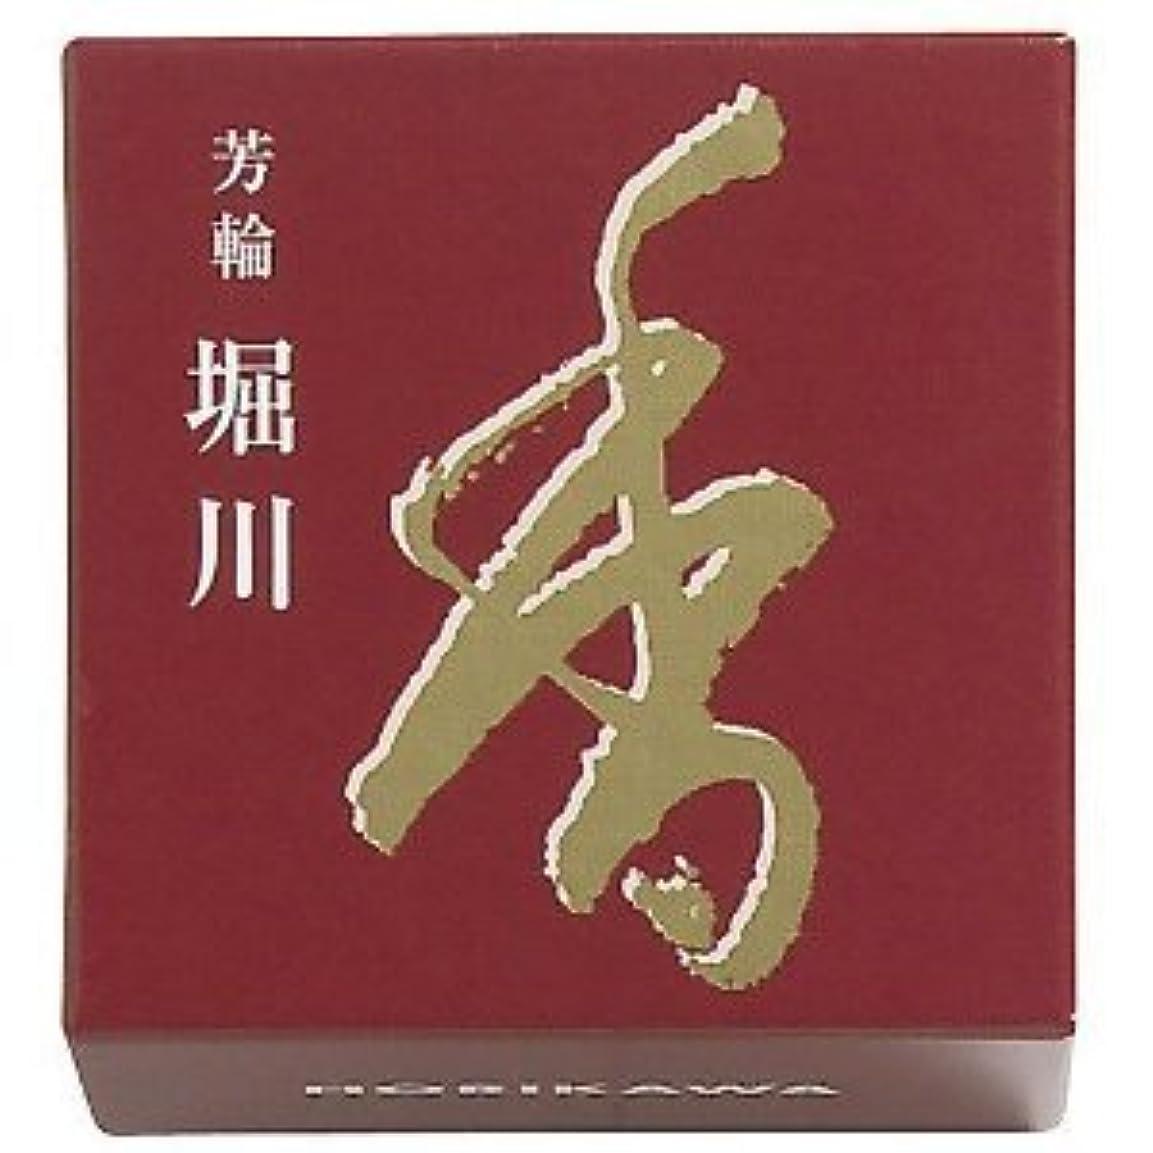 脚本家小康キャンペーン松栄堂 芳輪 堀川 渦巻型10枚入